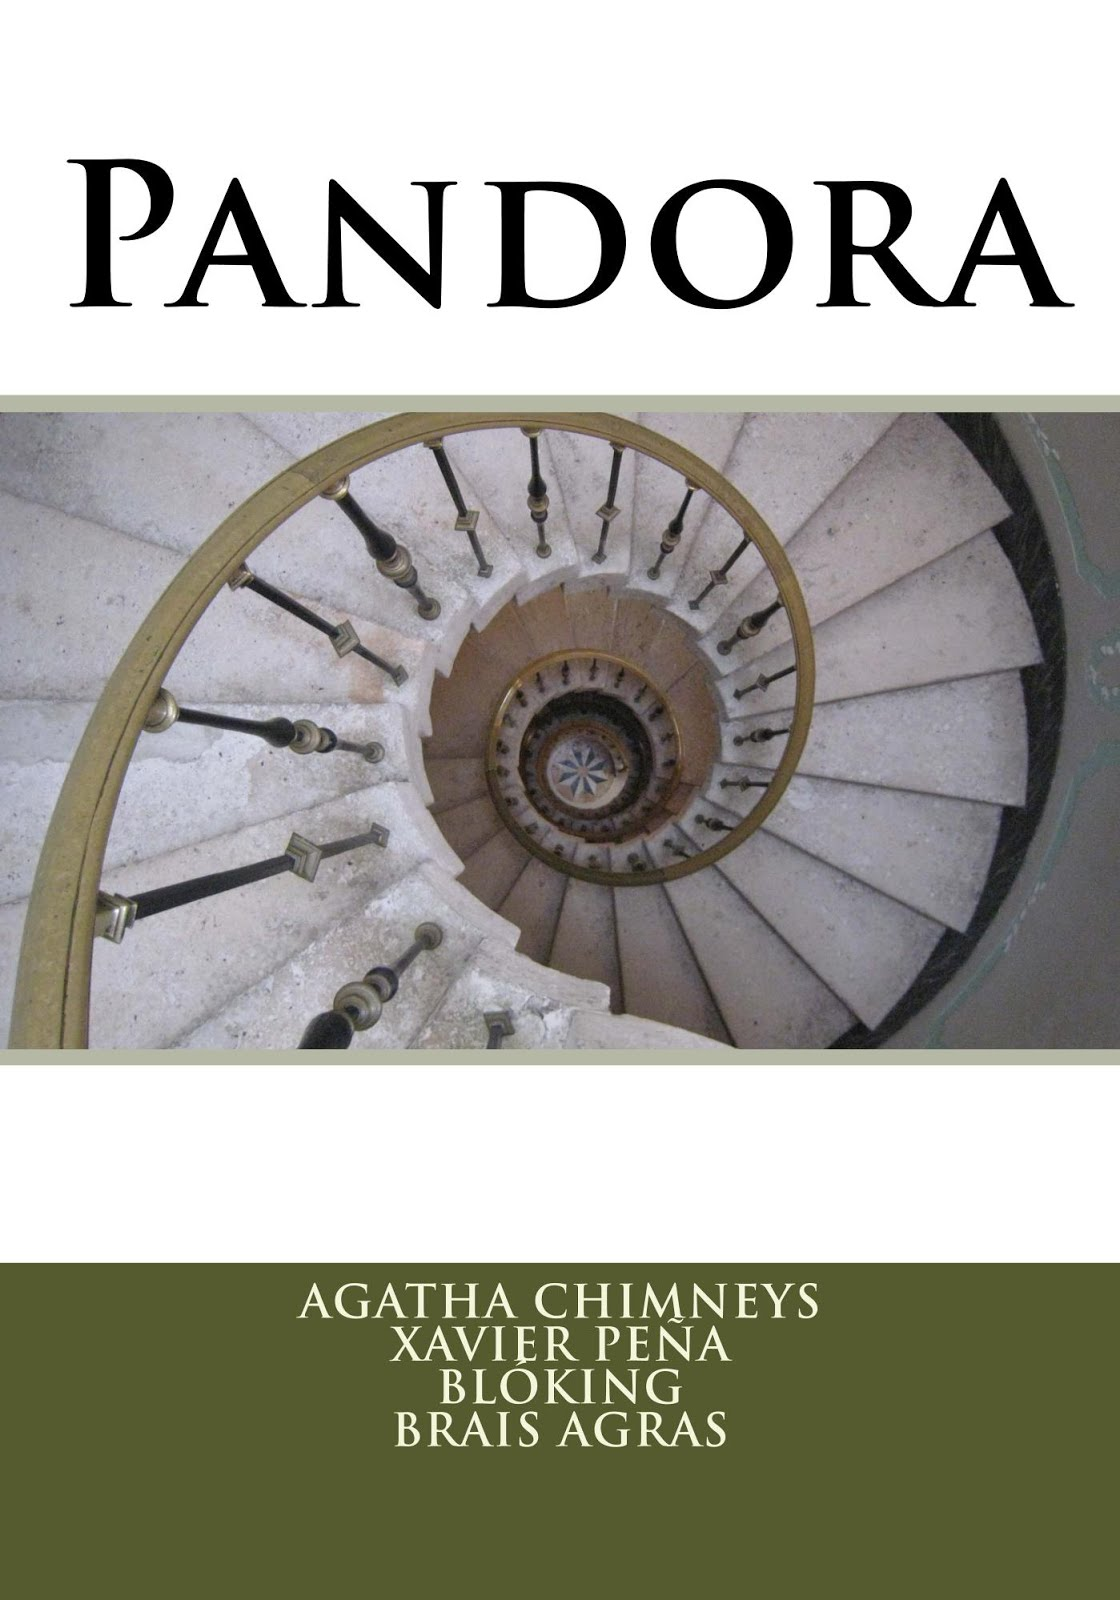 #Obra 2 - Pandora